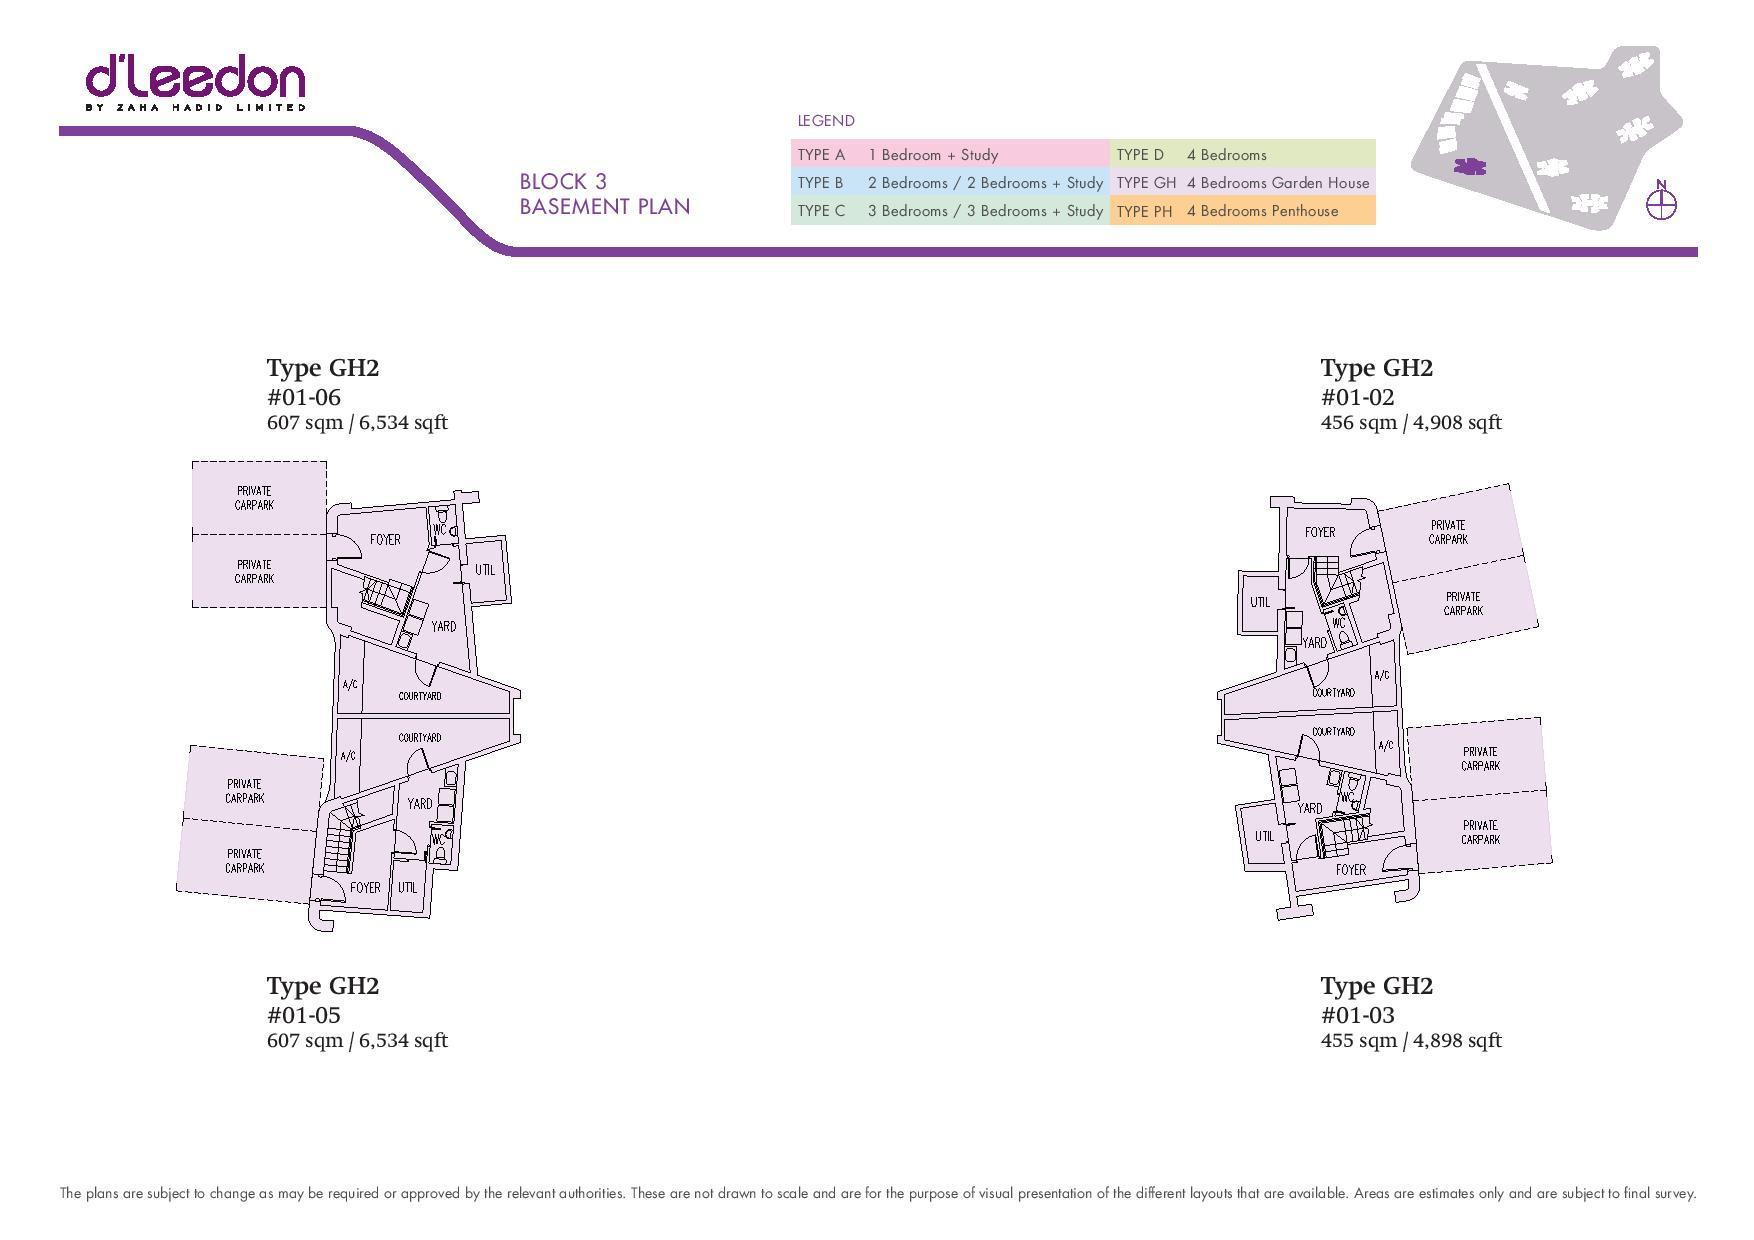 D'Leedon Block 3 Basement Floor Plans